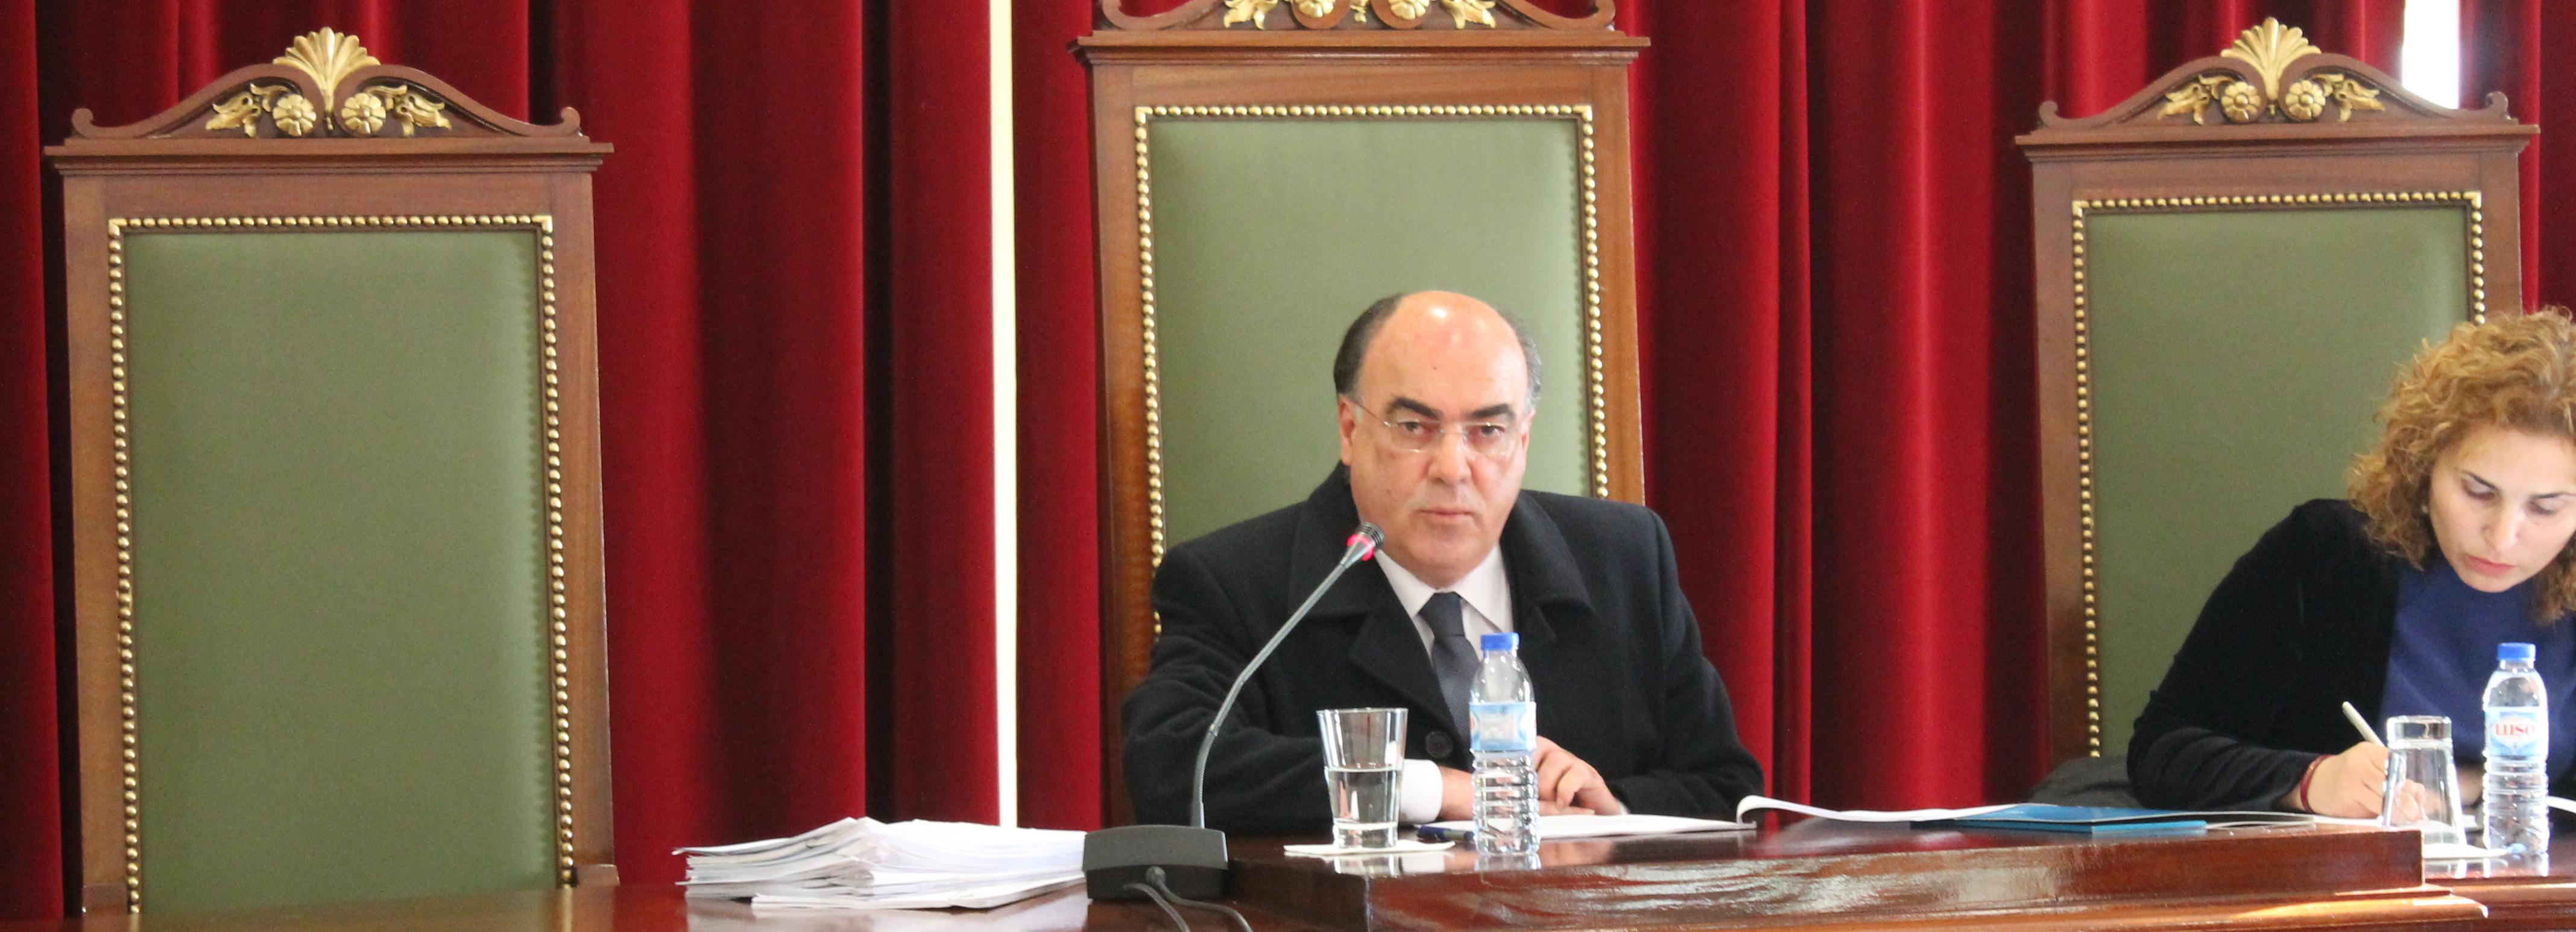 Câmara Municipal salvaguarda compensações pela instalação do aterro sanitário em Paradela